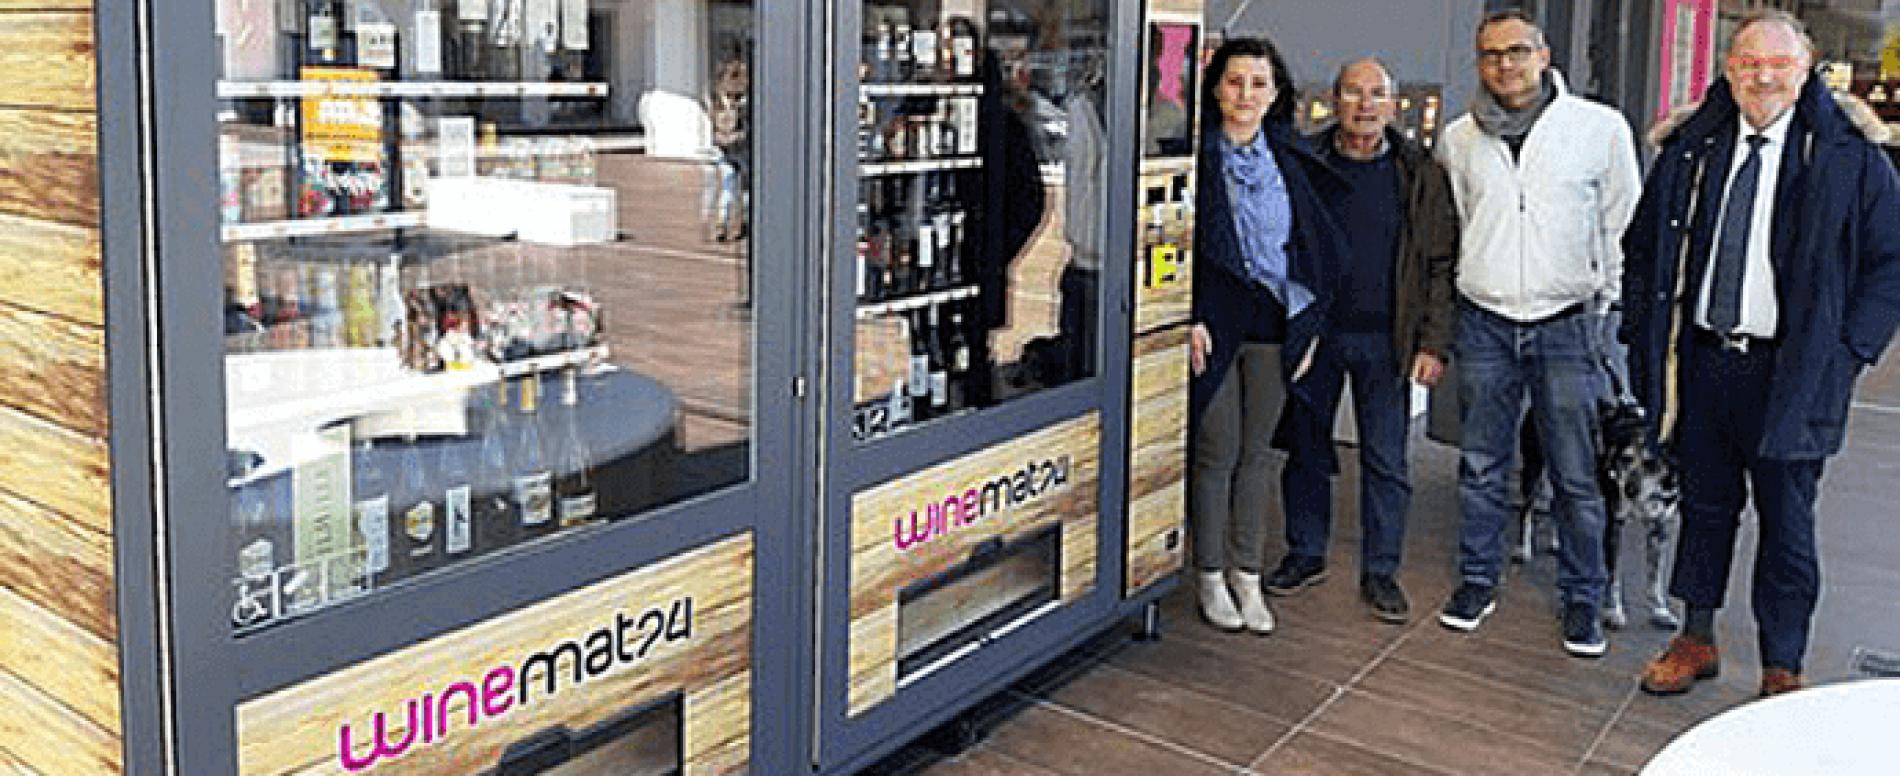 Winemat24, erogatore di vino e birre, raddoppia in Liguria